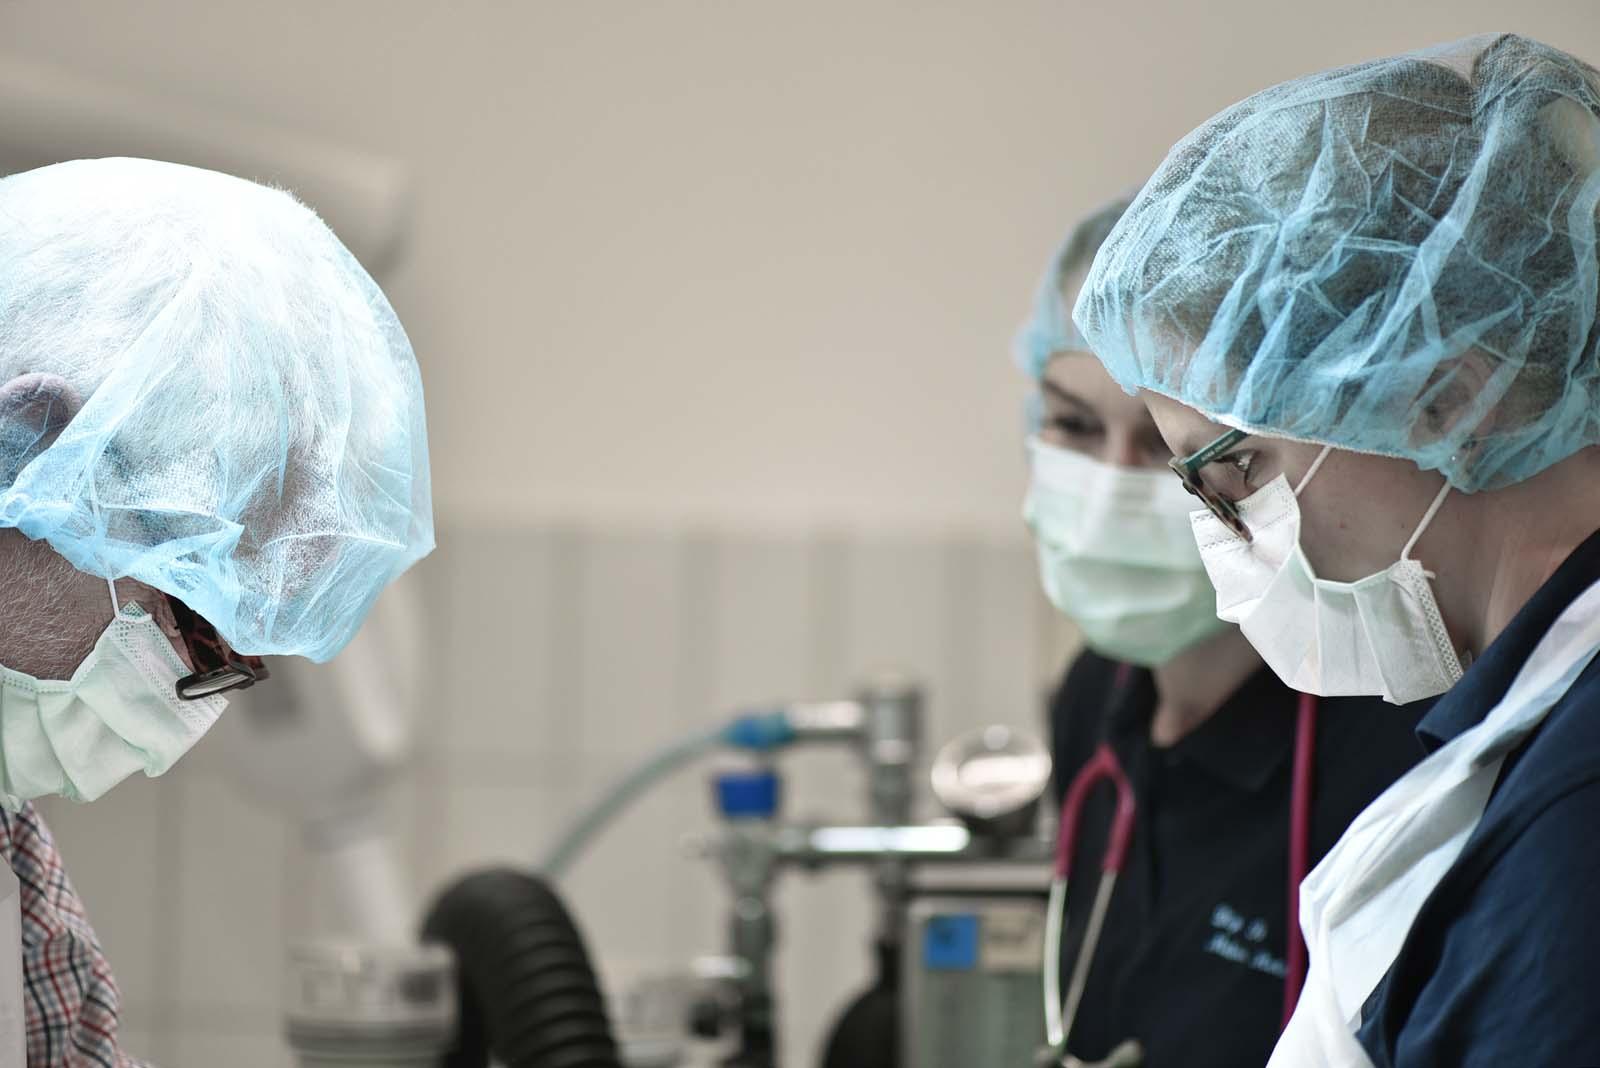 Chirugie bei Tieren - Tierklinik Mitterndorf